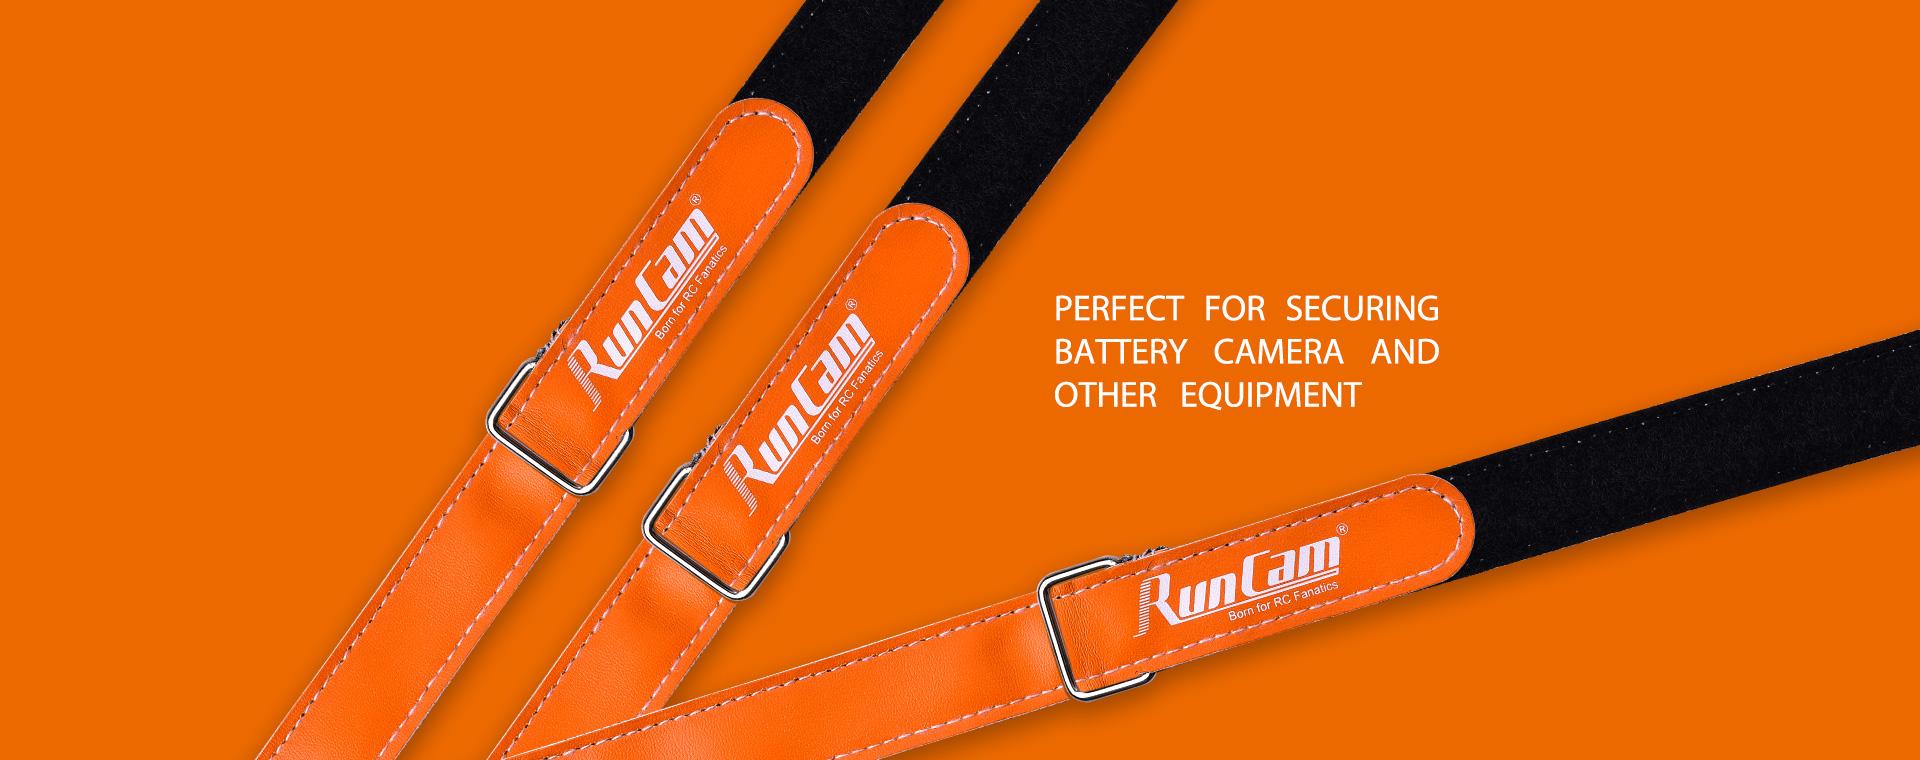 16 x 250mm, RunCam, Battery Tie Down Strap for RC Multirotor